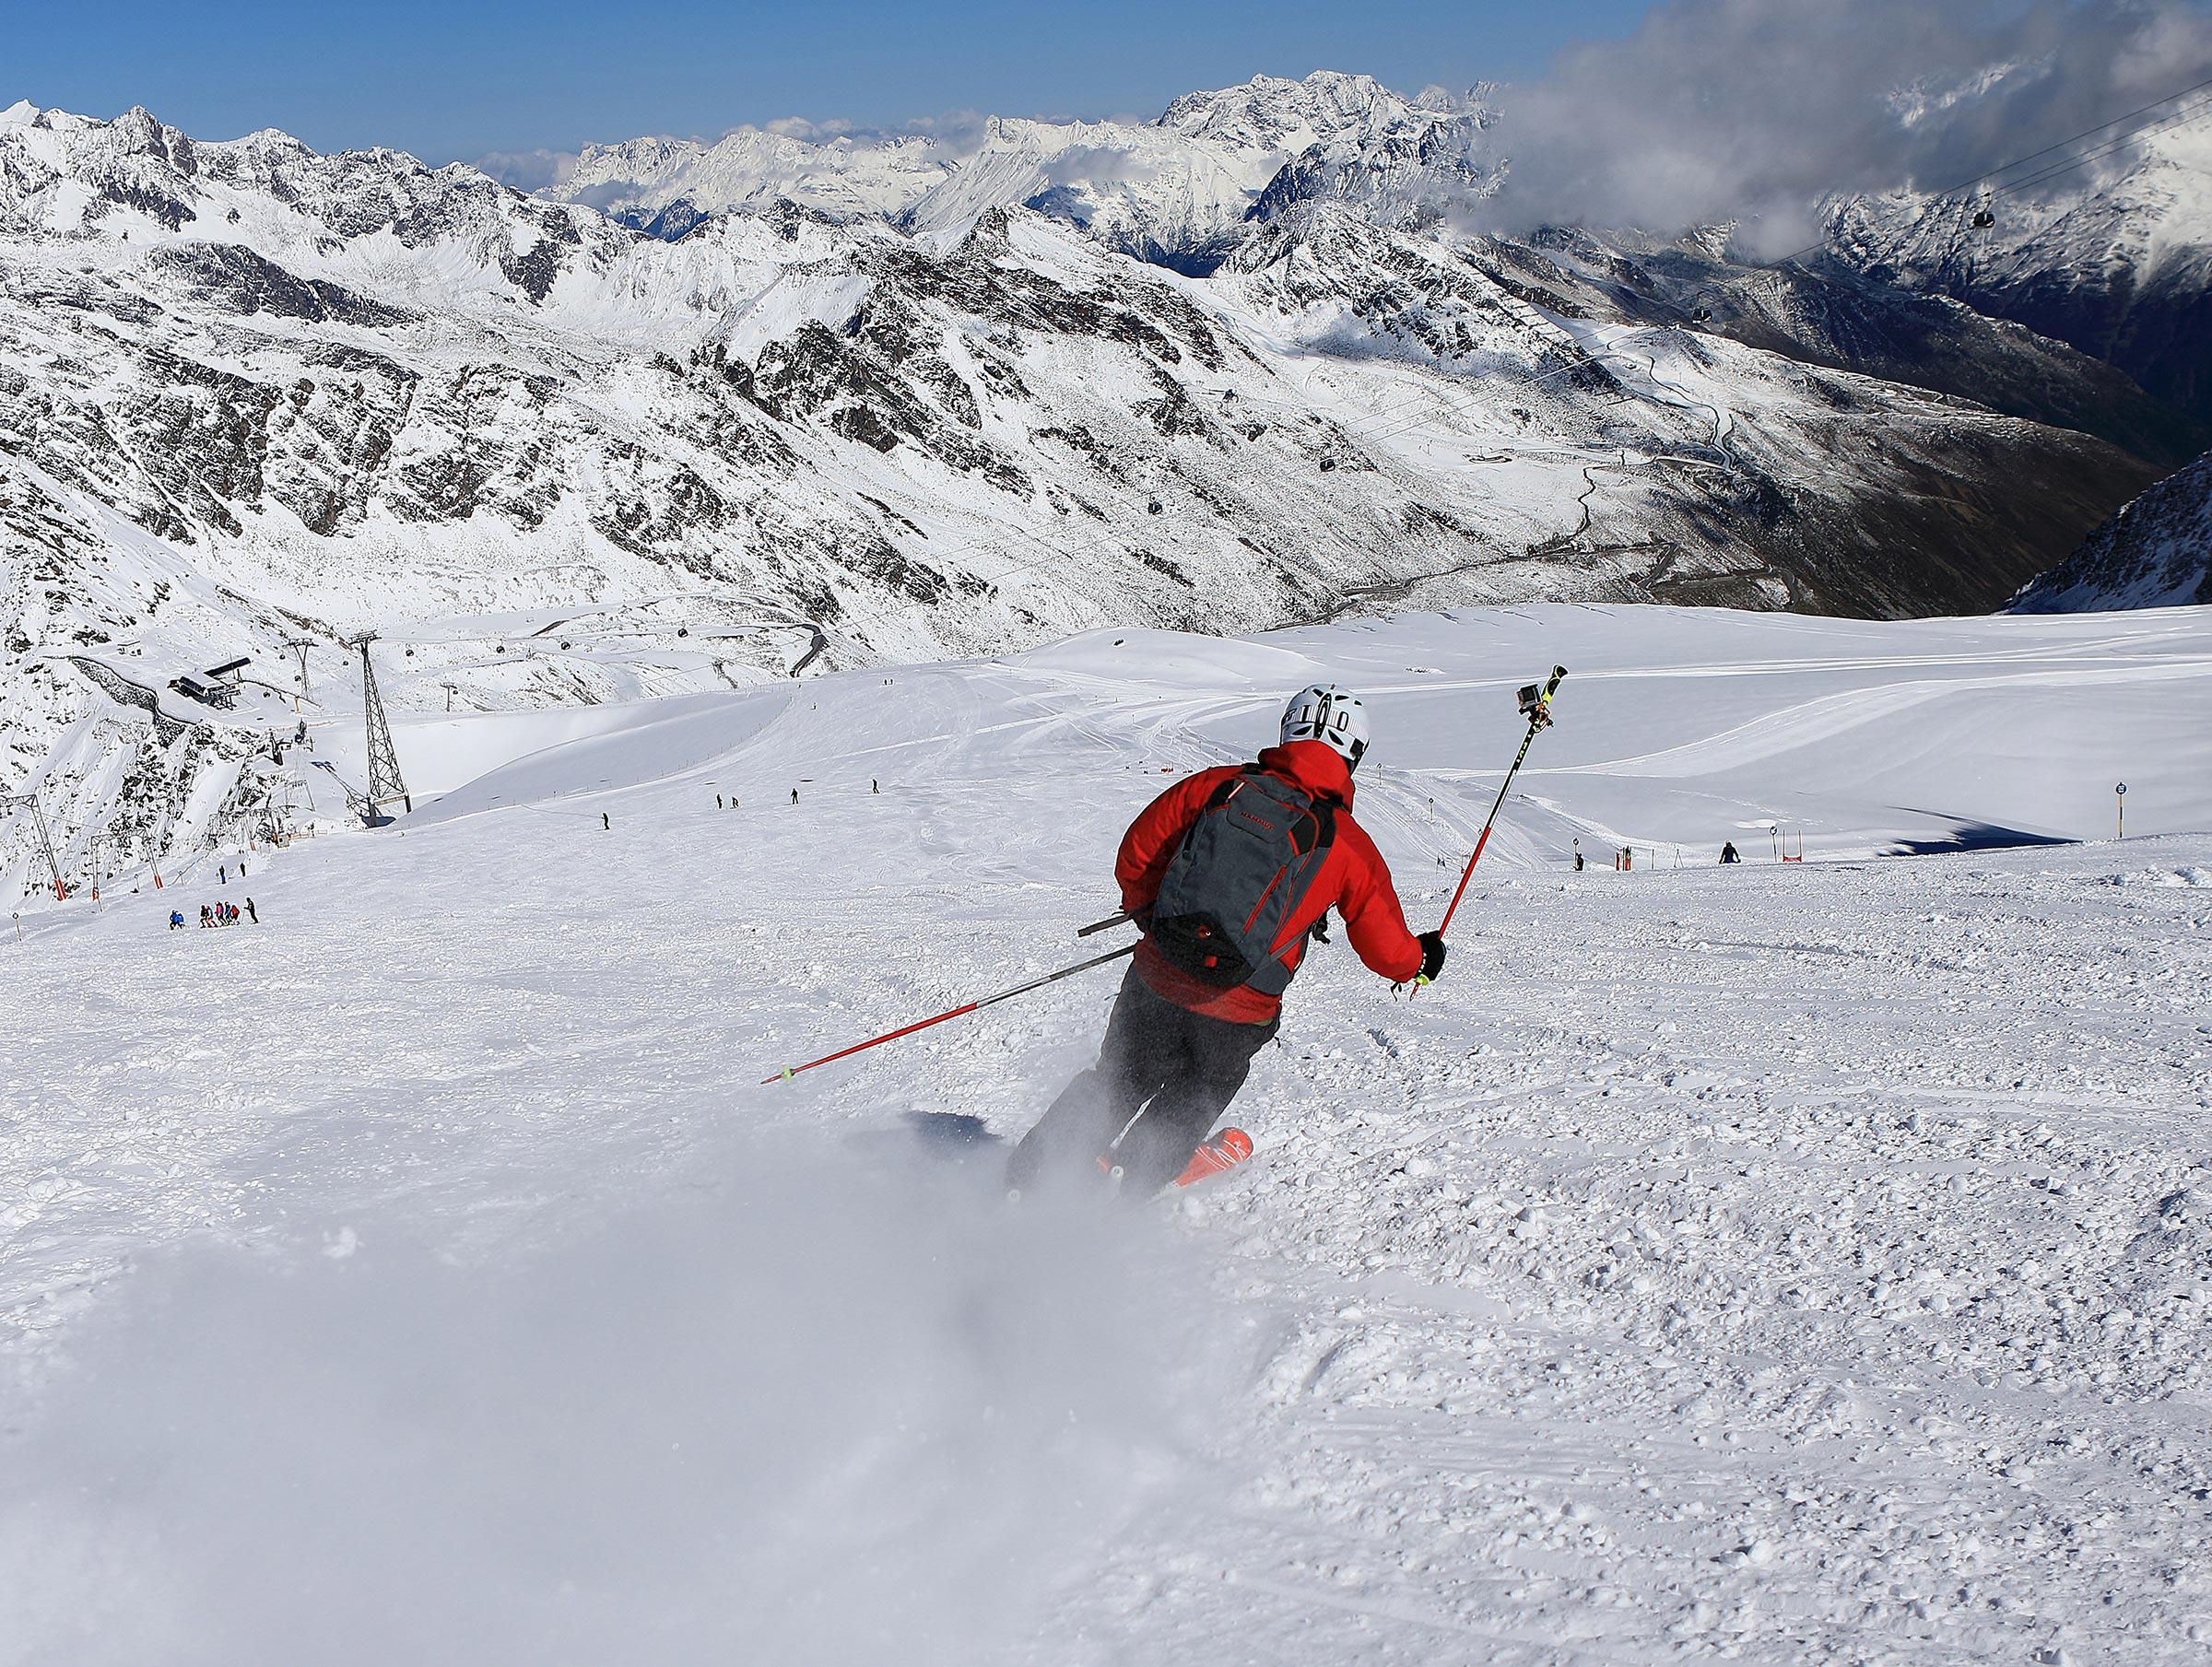 Skifahrer am Gletscher - Herbst im Ötztal